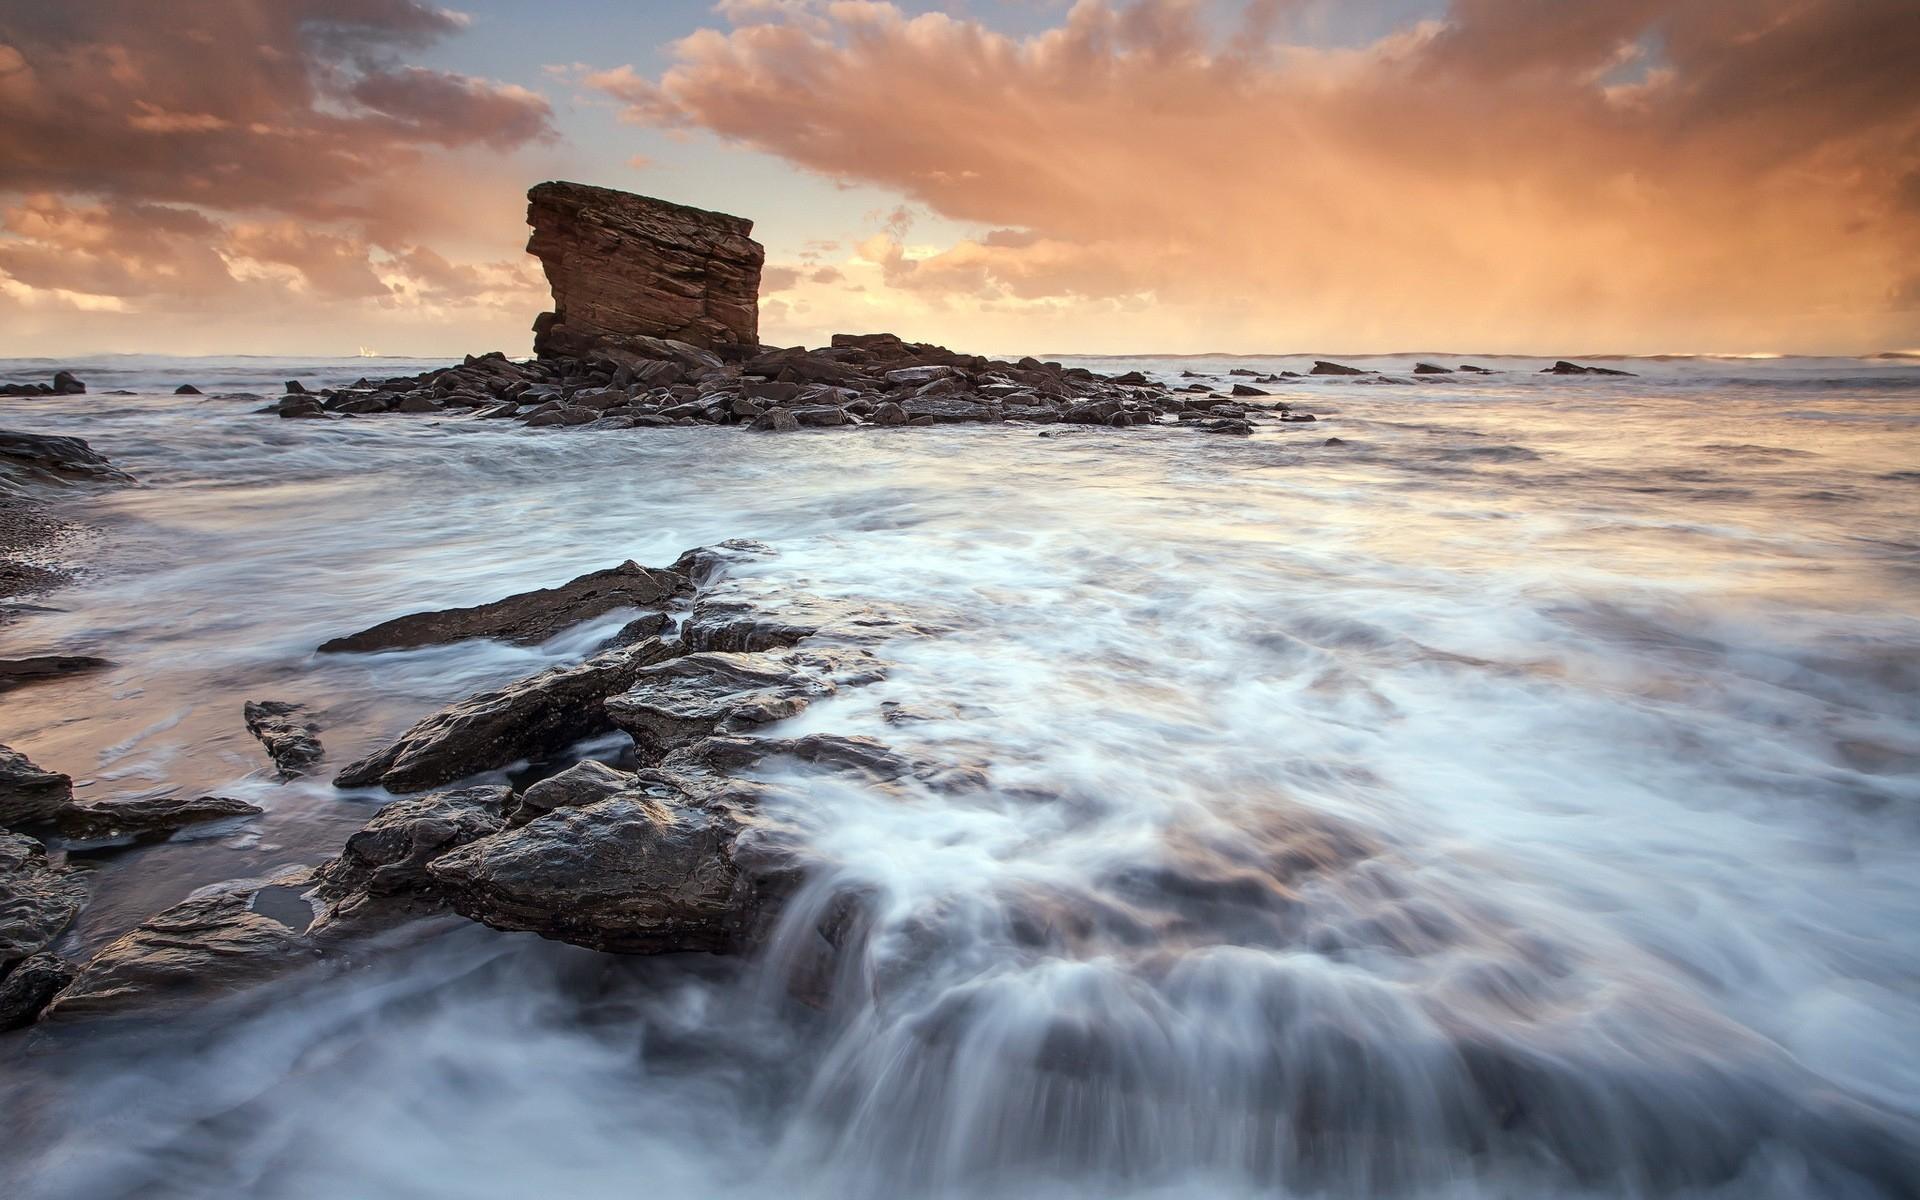 море океан камни скалы закат sea the ocean stones rock sunset  № 2530610 без смс